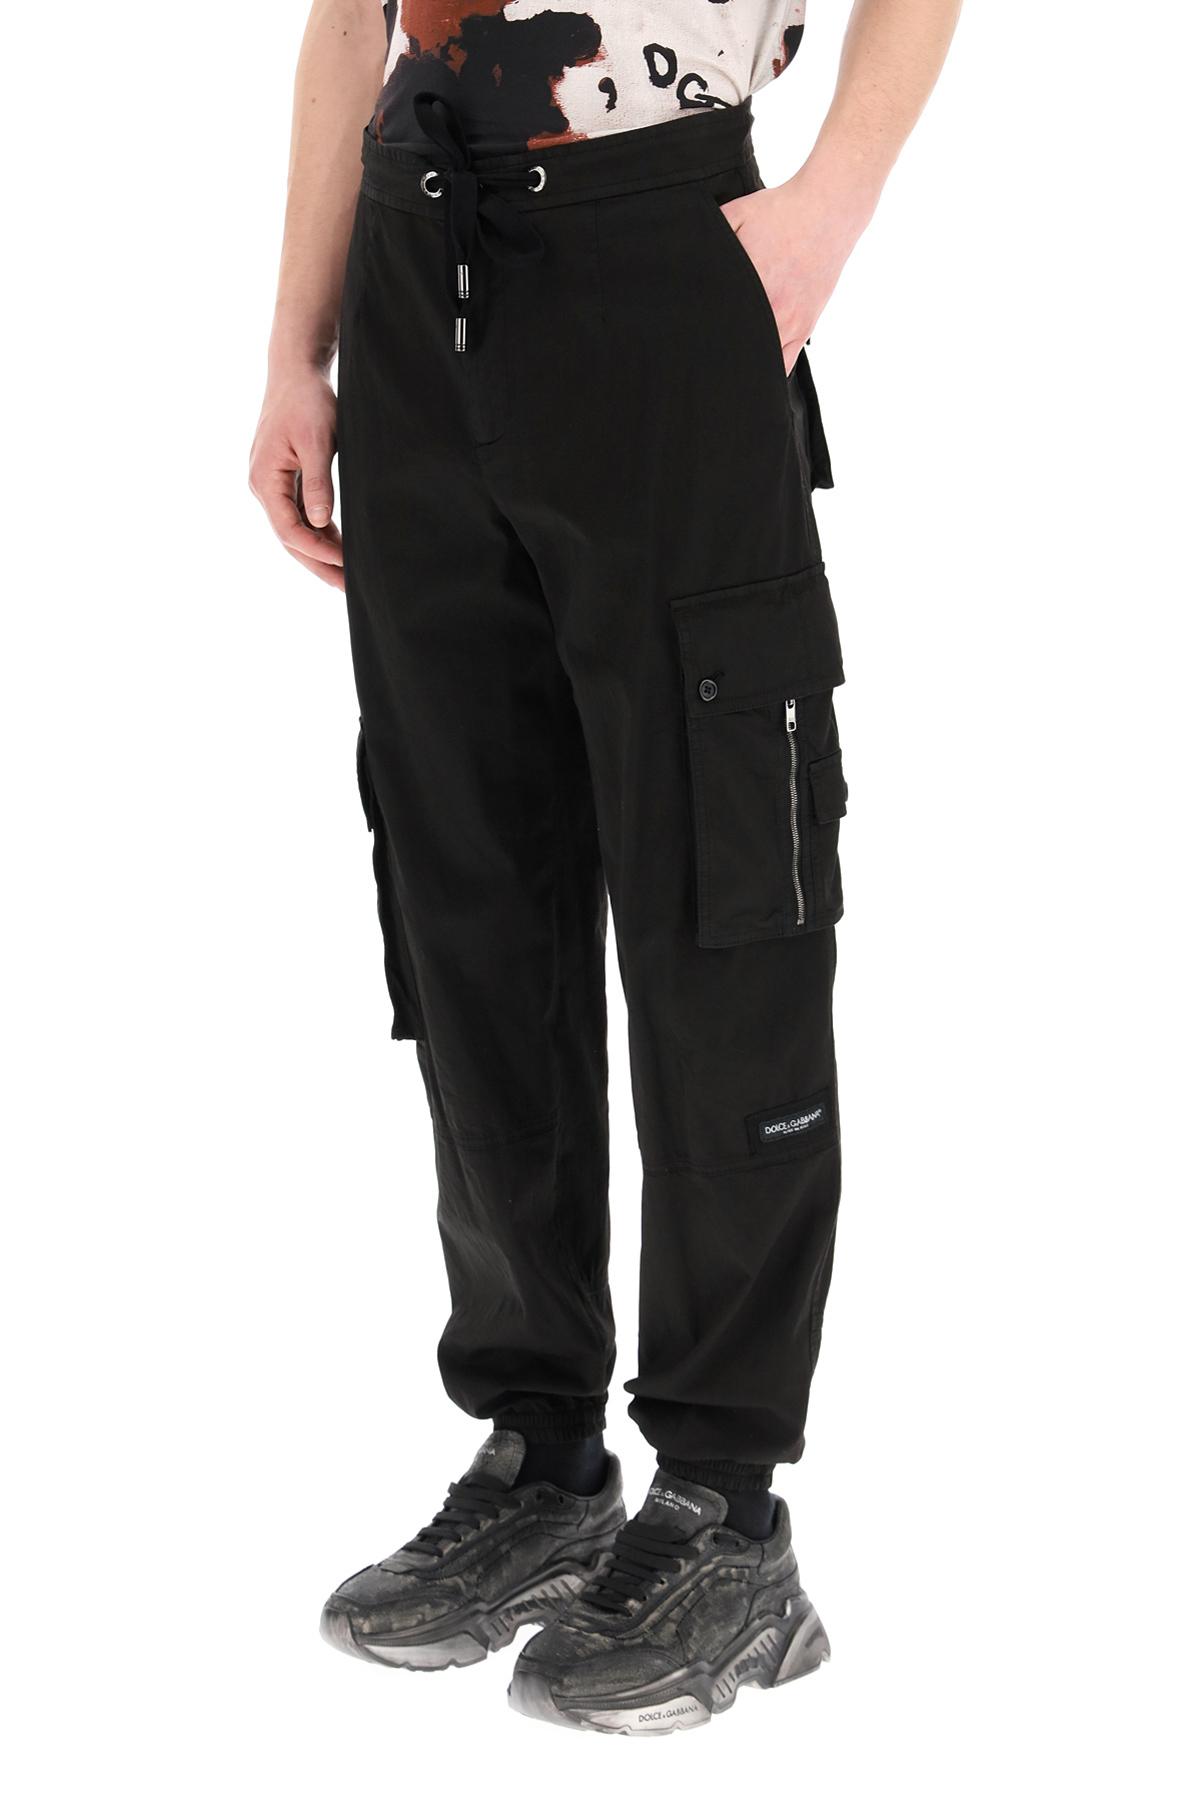 Dolce & gabbana pantalone cargo